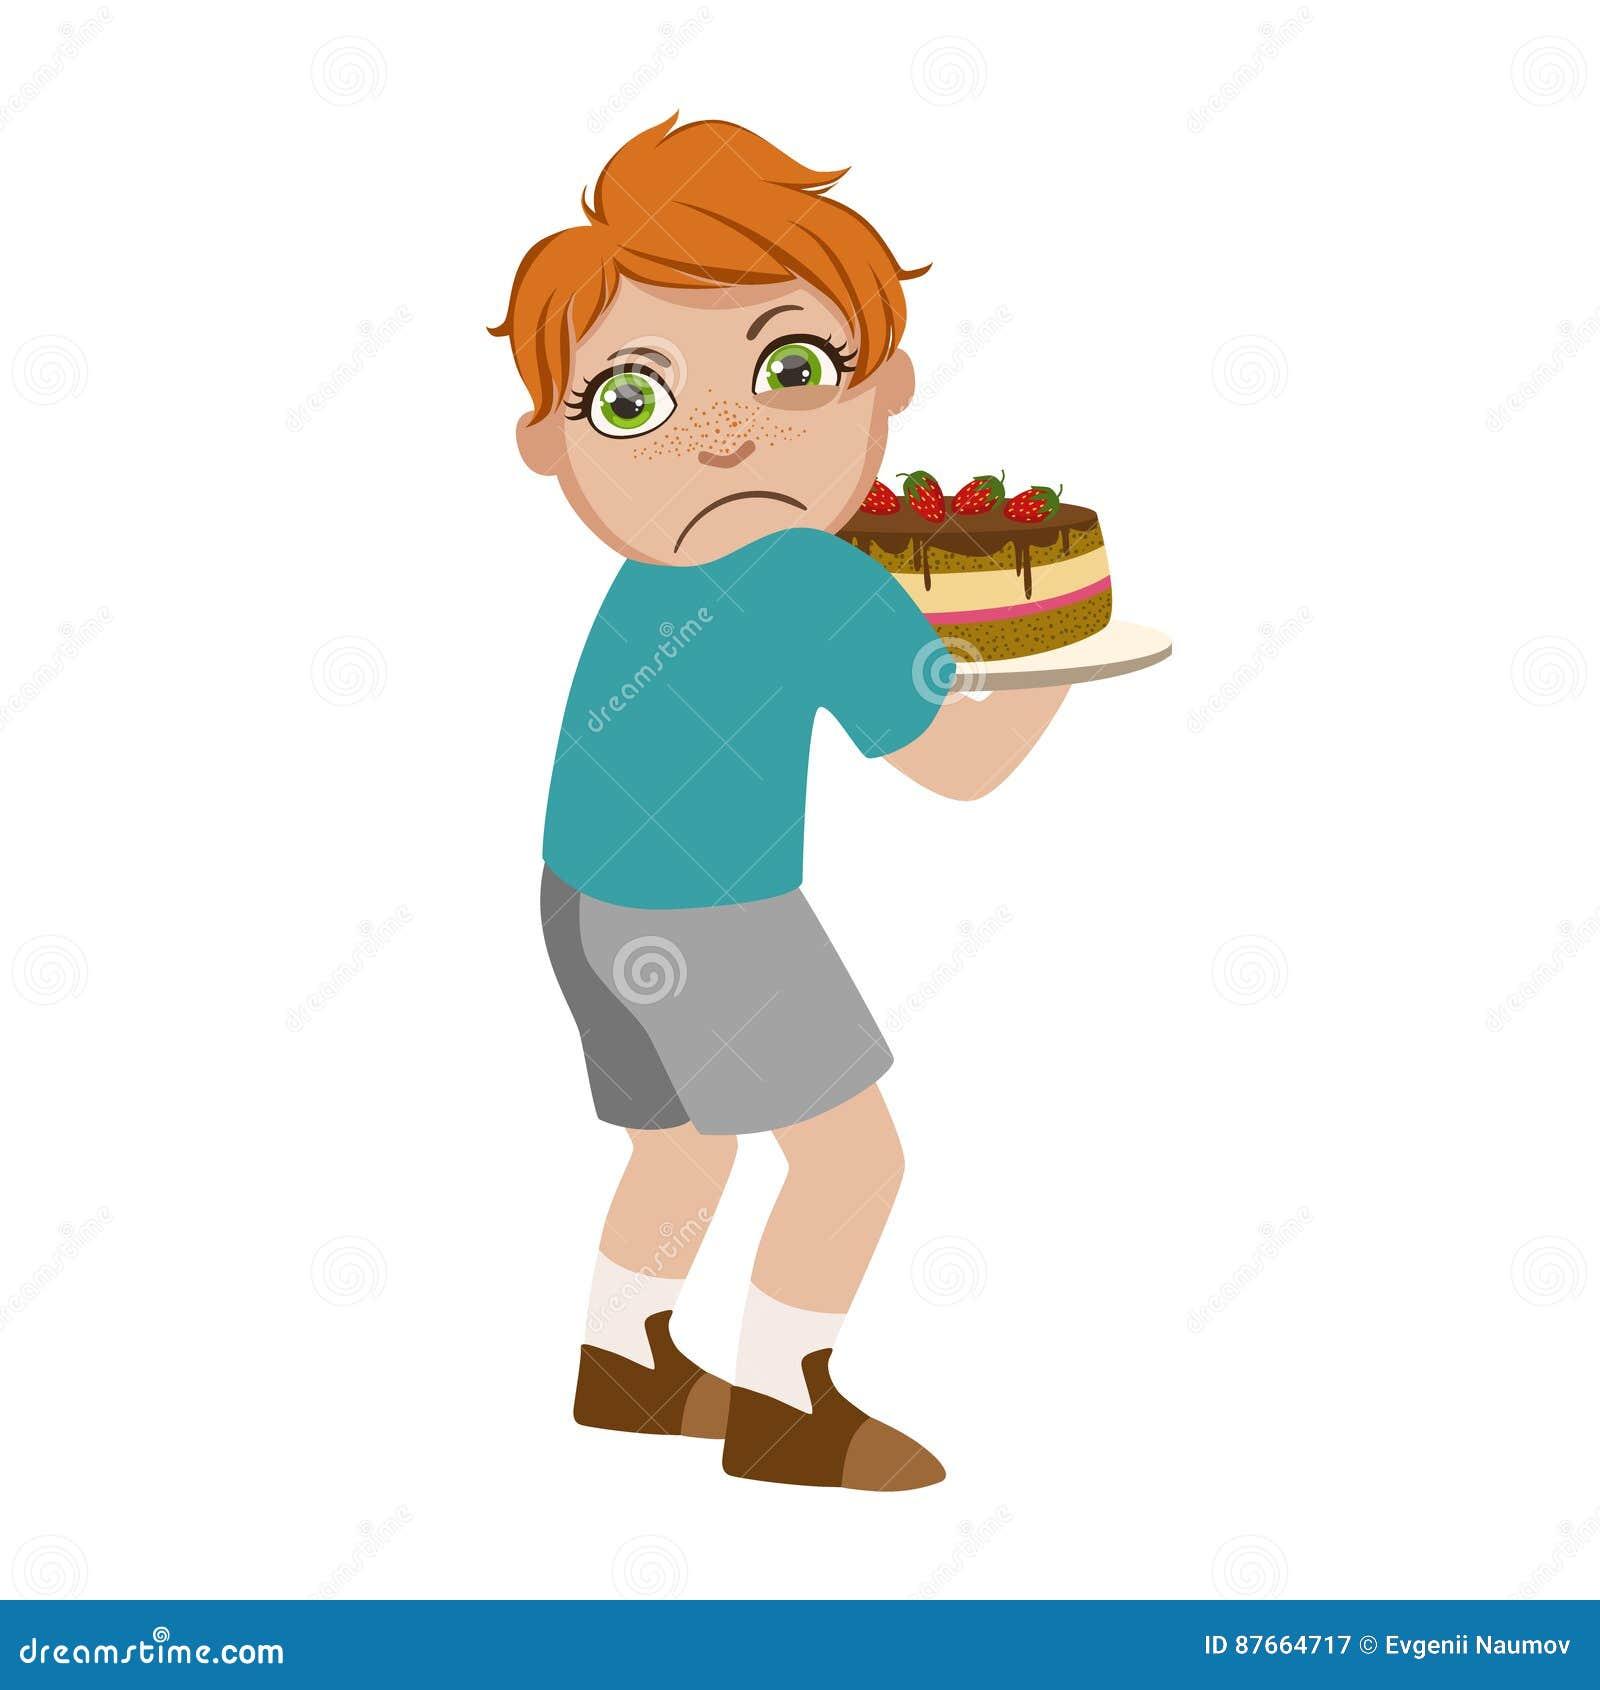 Den giriga pojken som inte delar kakan, del av Bad, lurar uppförande och trakasserar serie av vektorillustrationer med tecken som